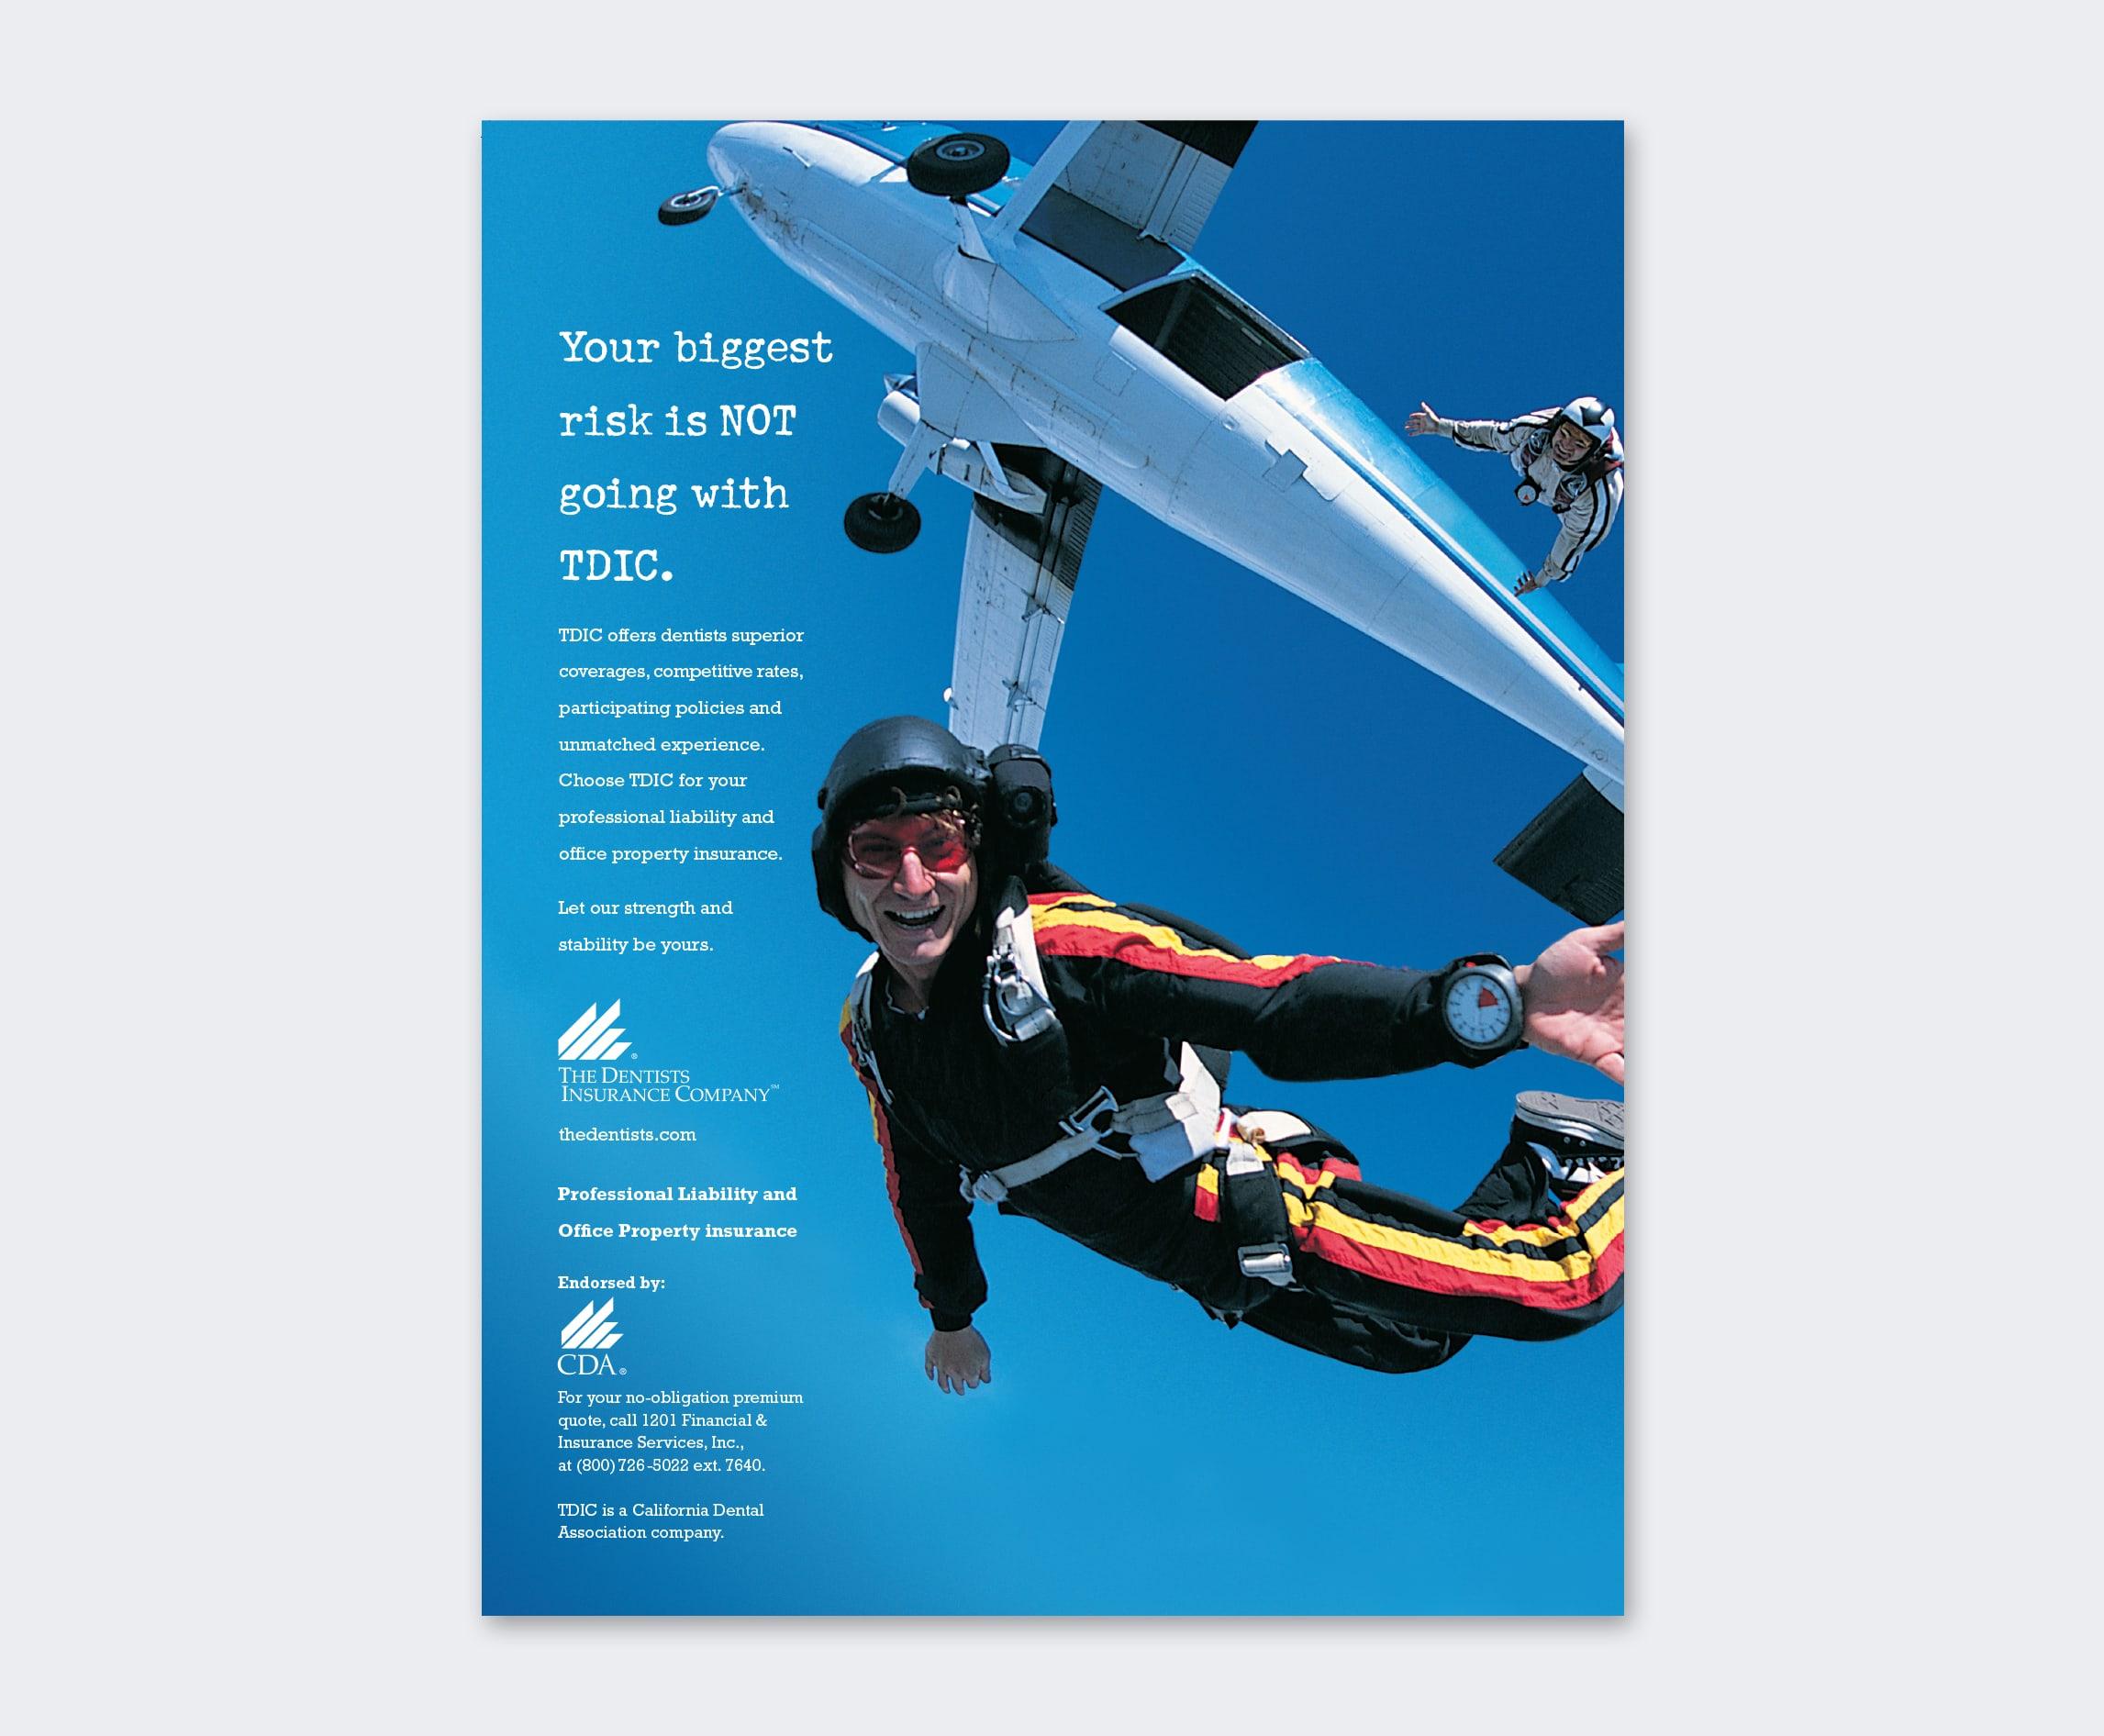 TDIC_riskAds3_2003_Advertising